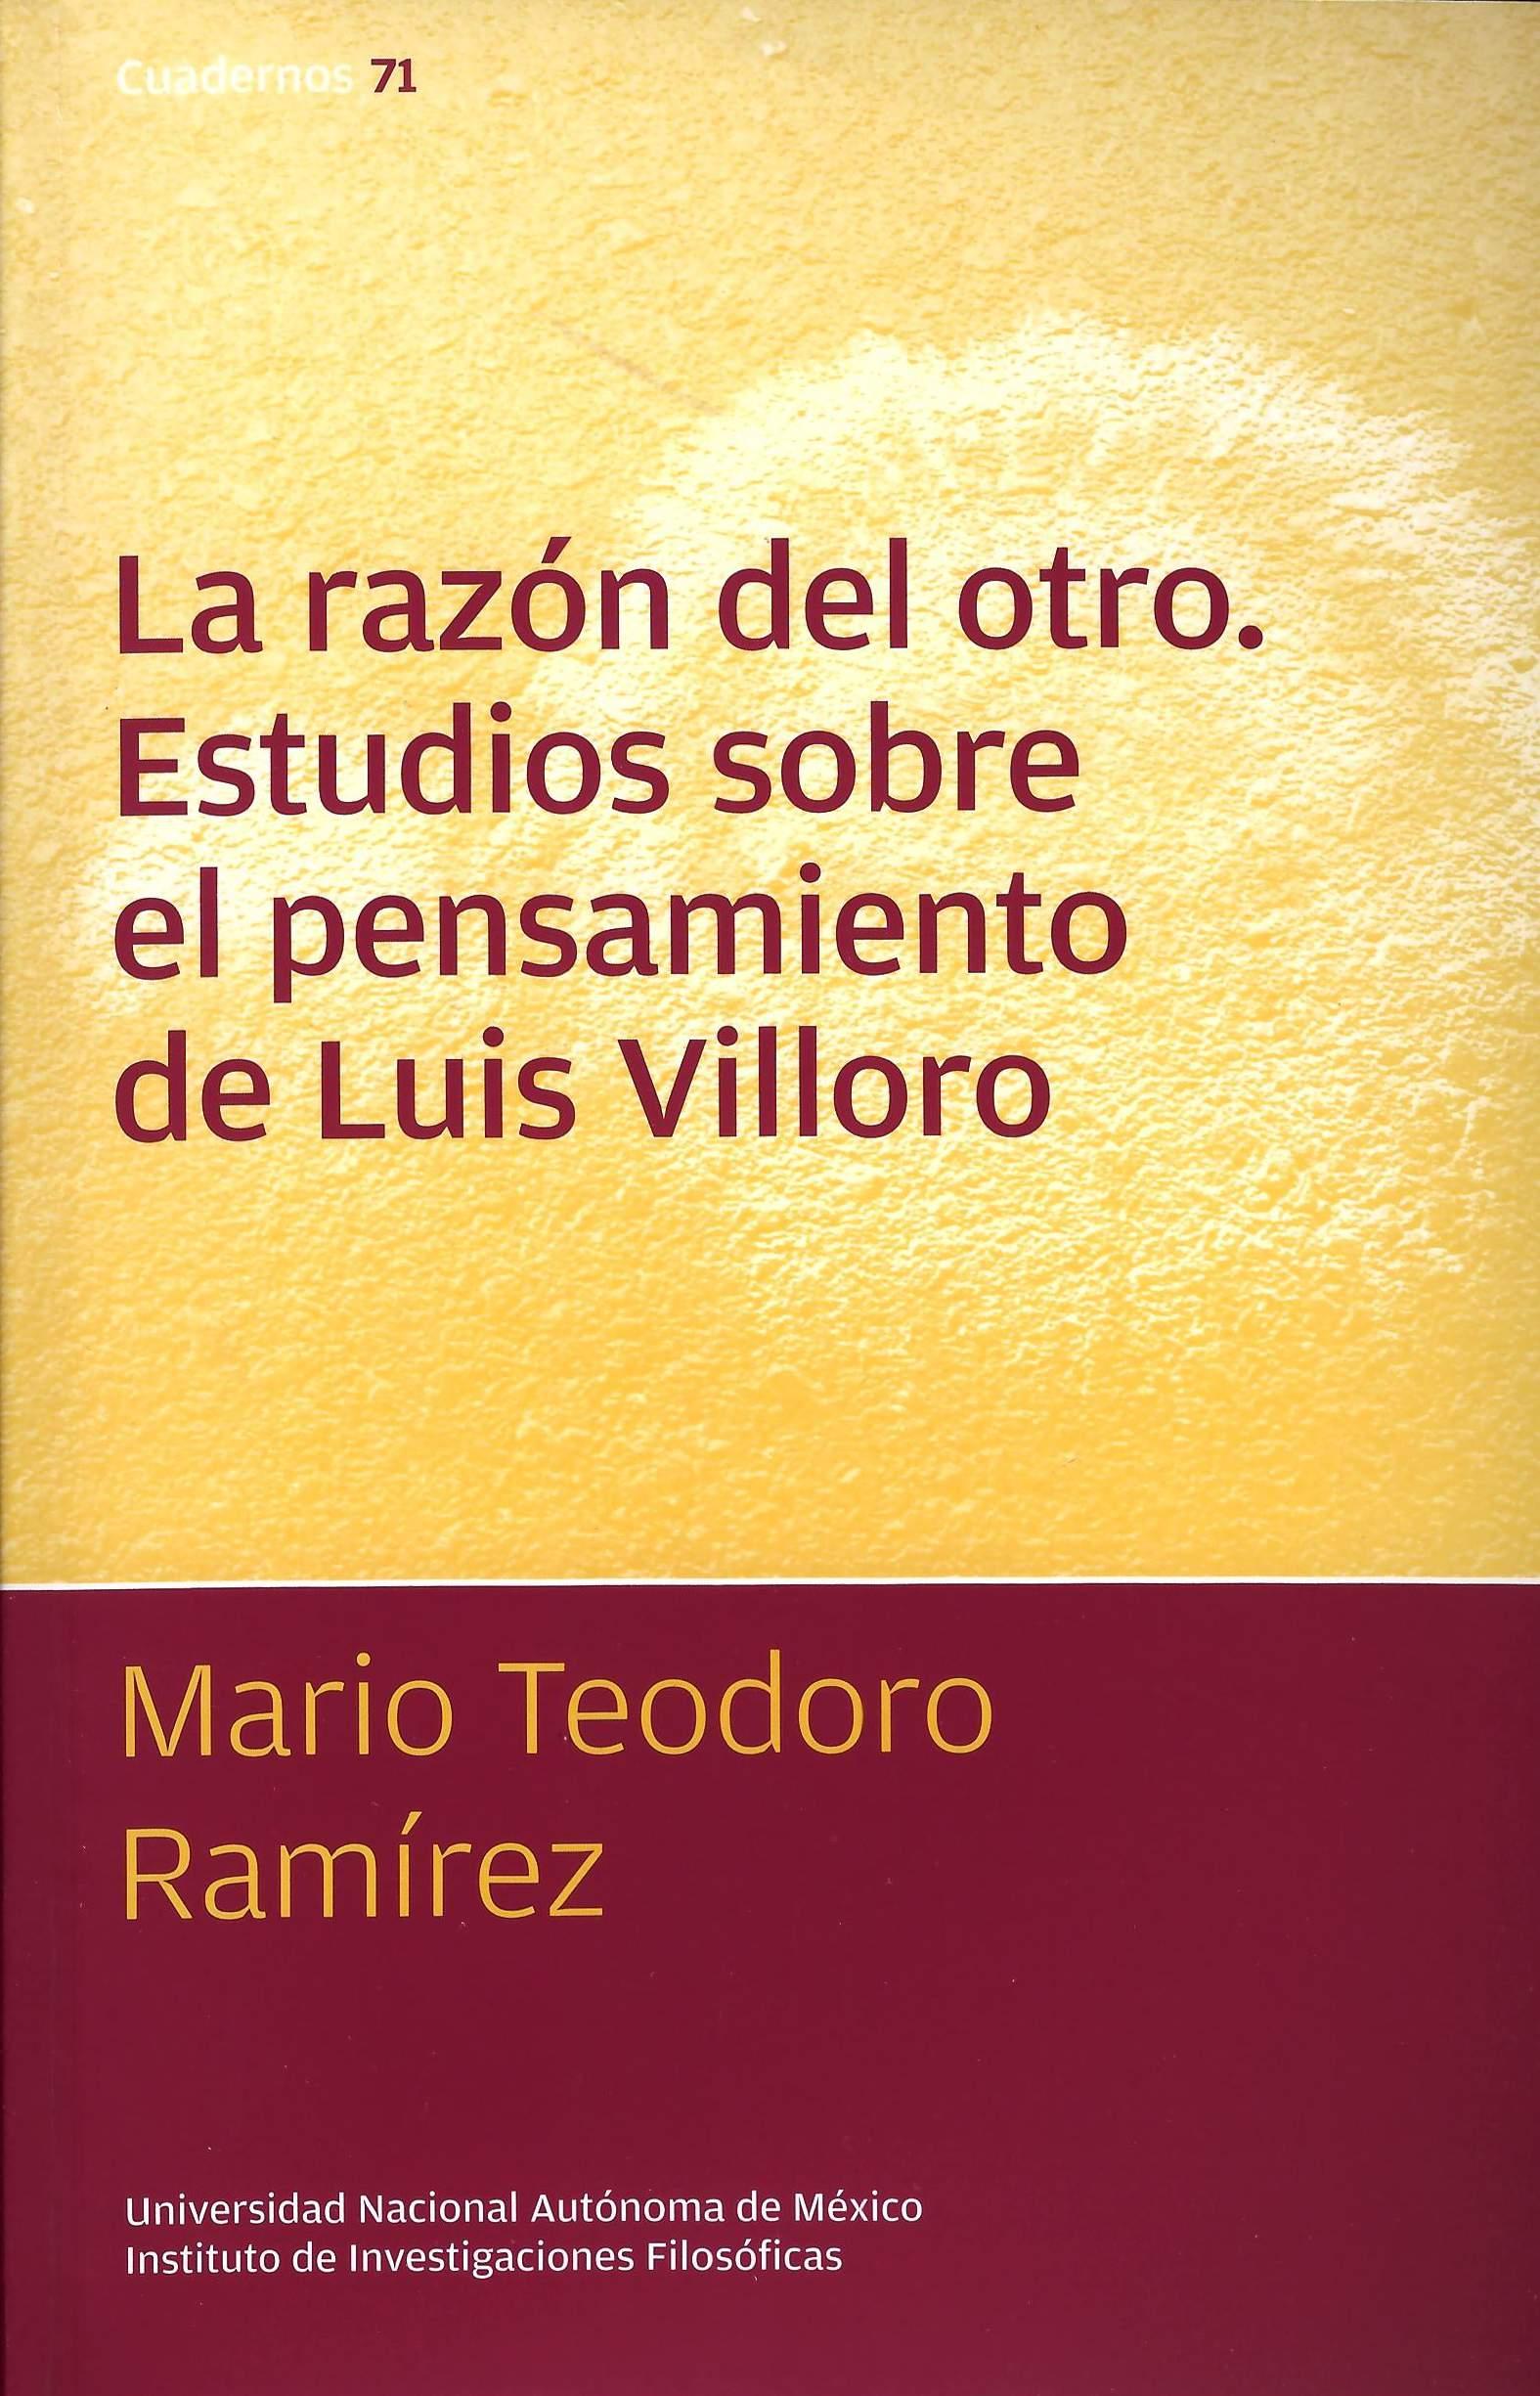 La razón del otro: estudios sobre el pensamiento de Luis Villoro